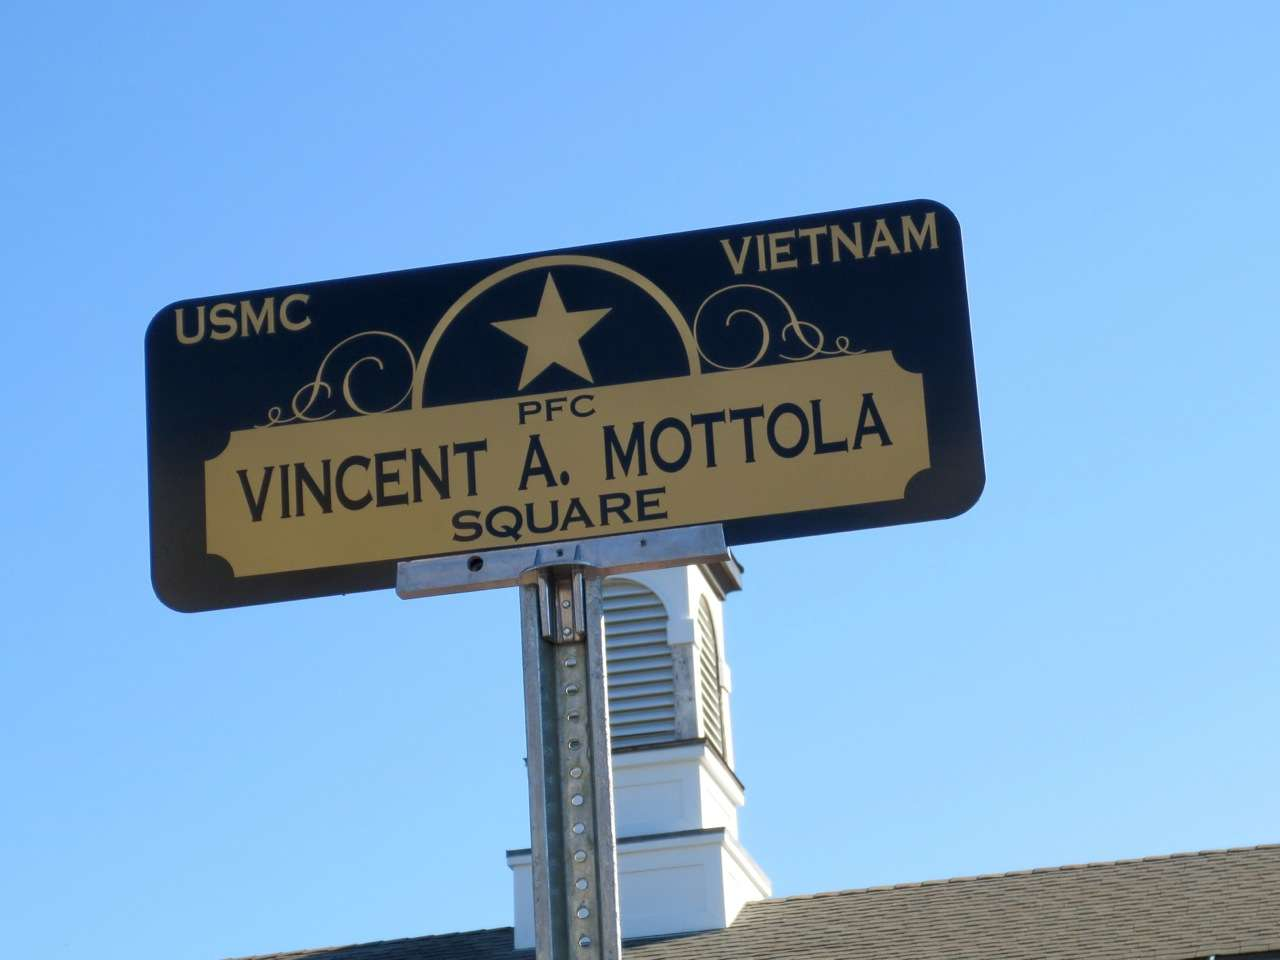 Vincent a mottola square